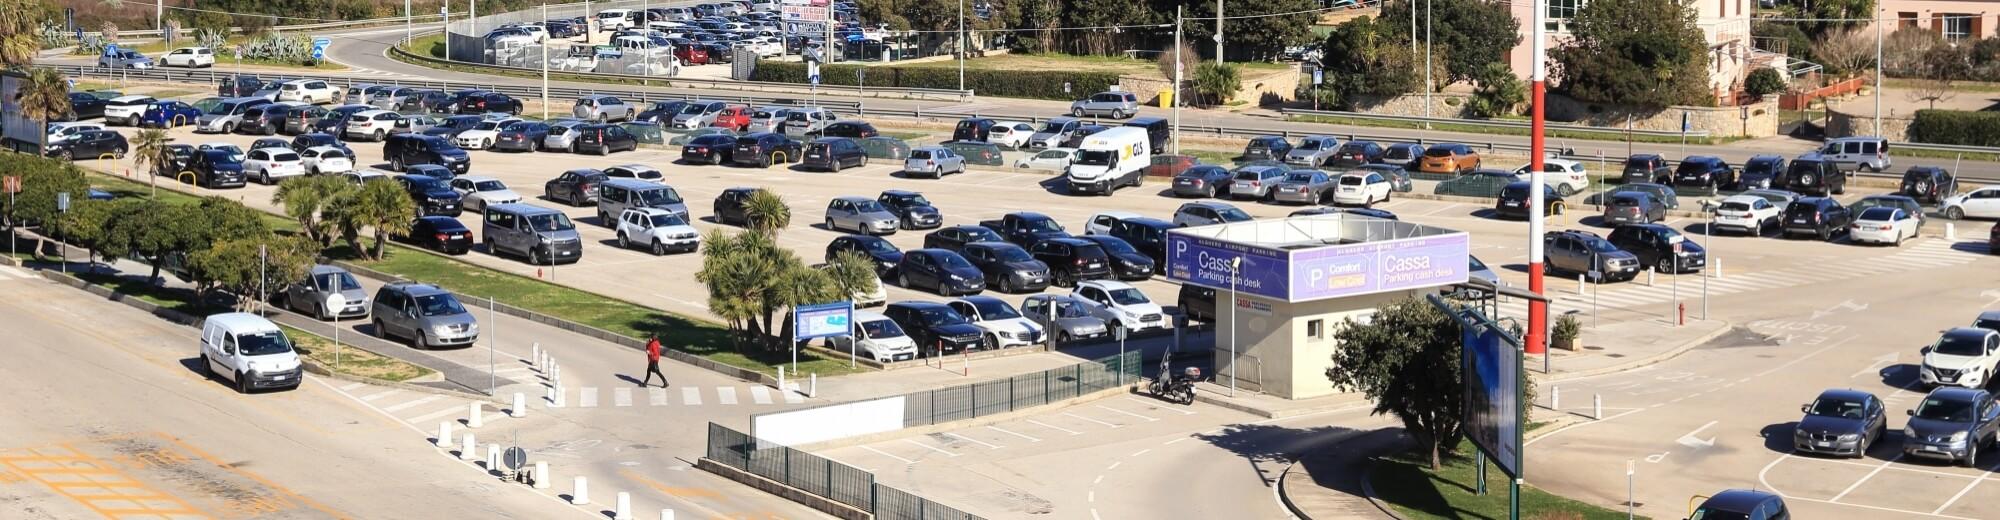 Area parcheggio Aeroporto di Alghero